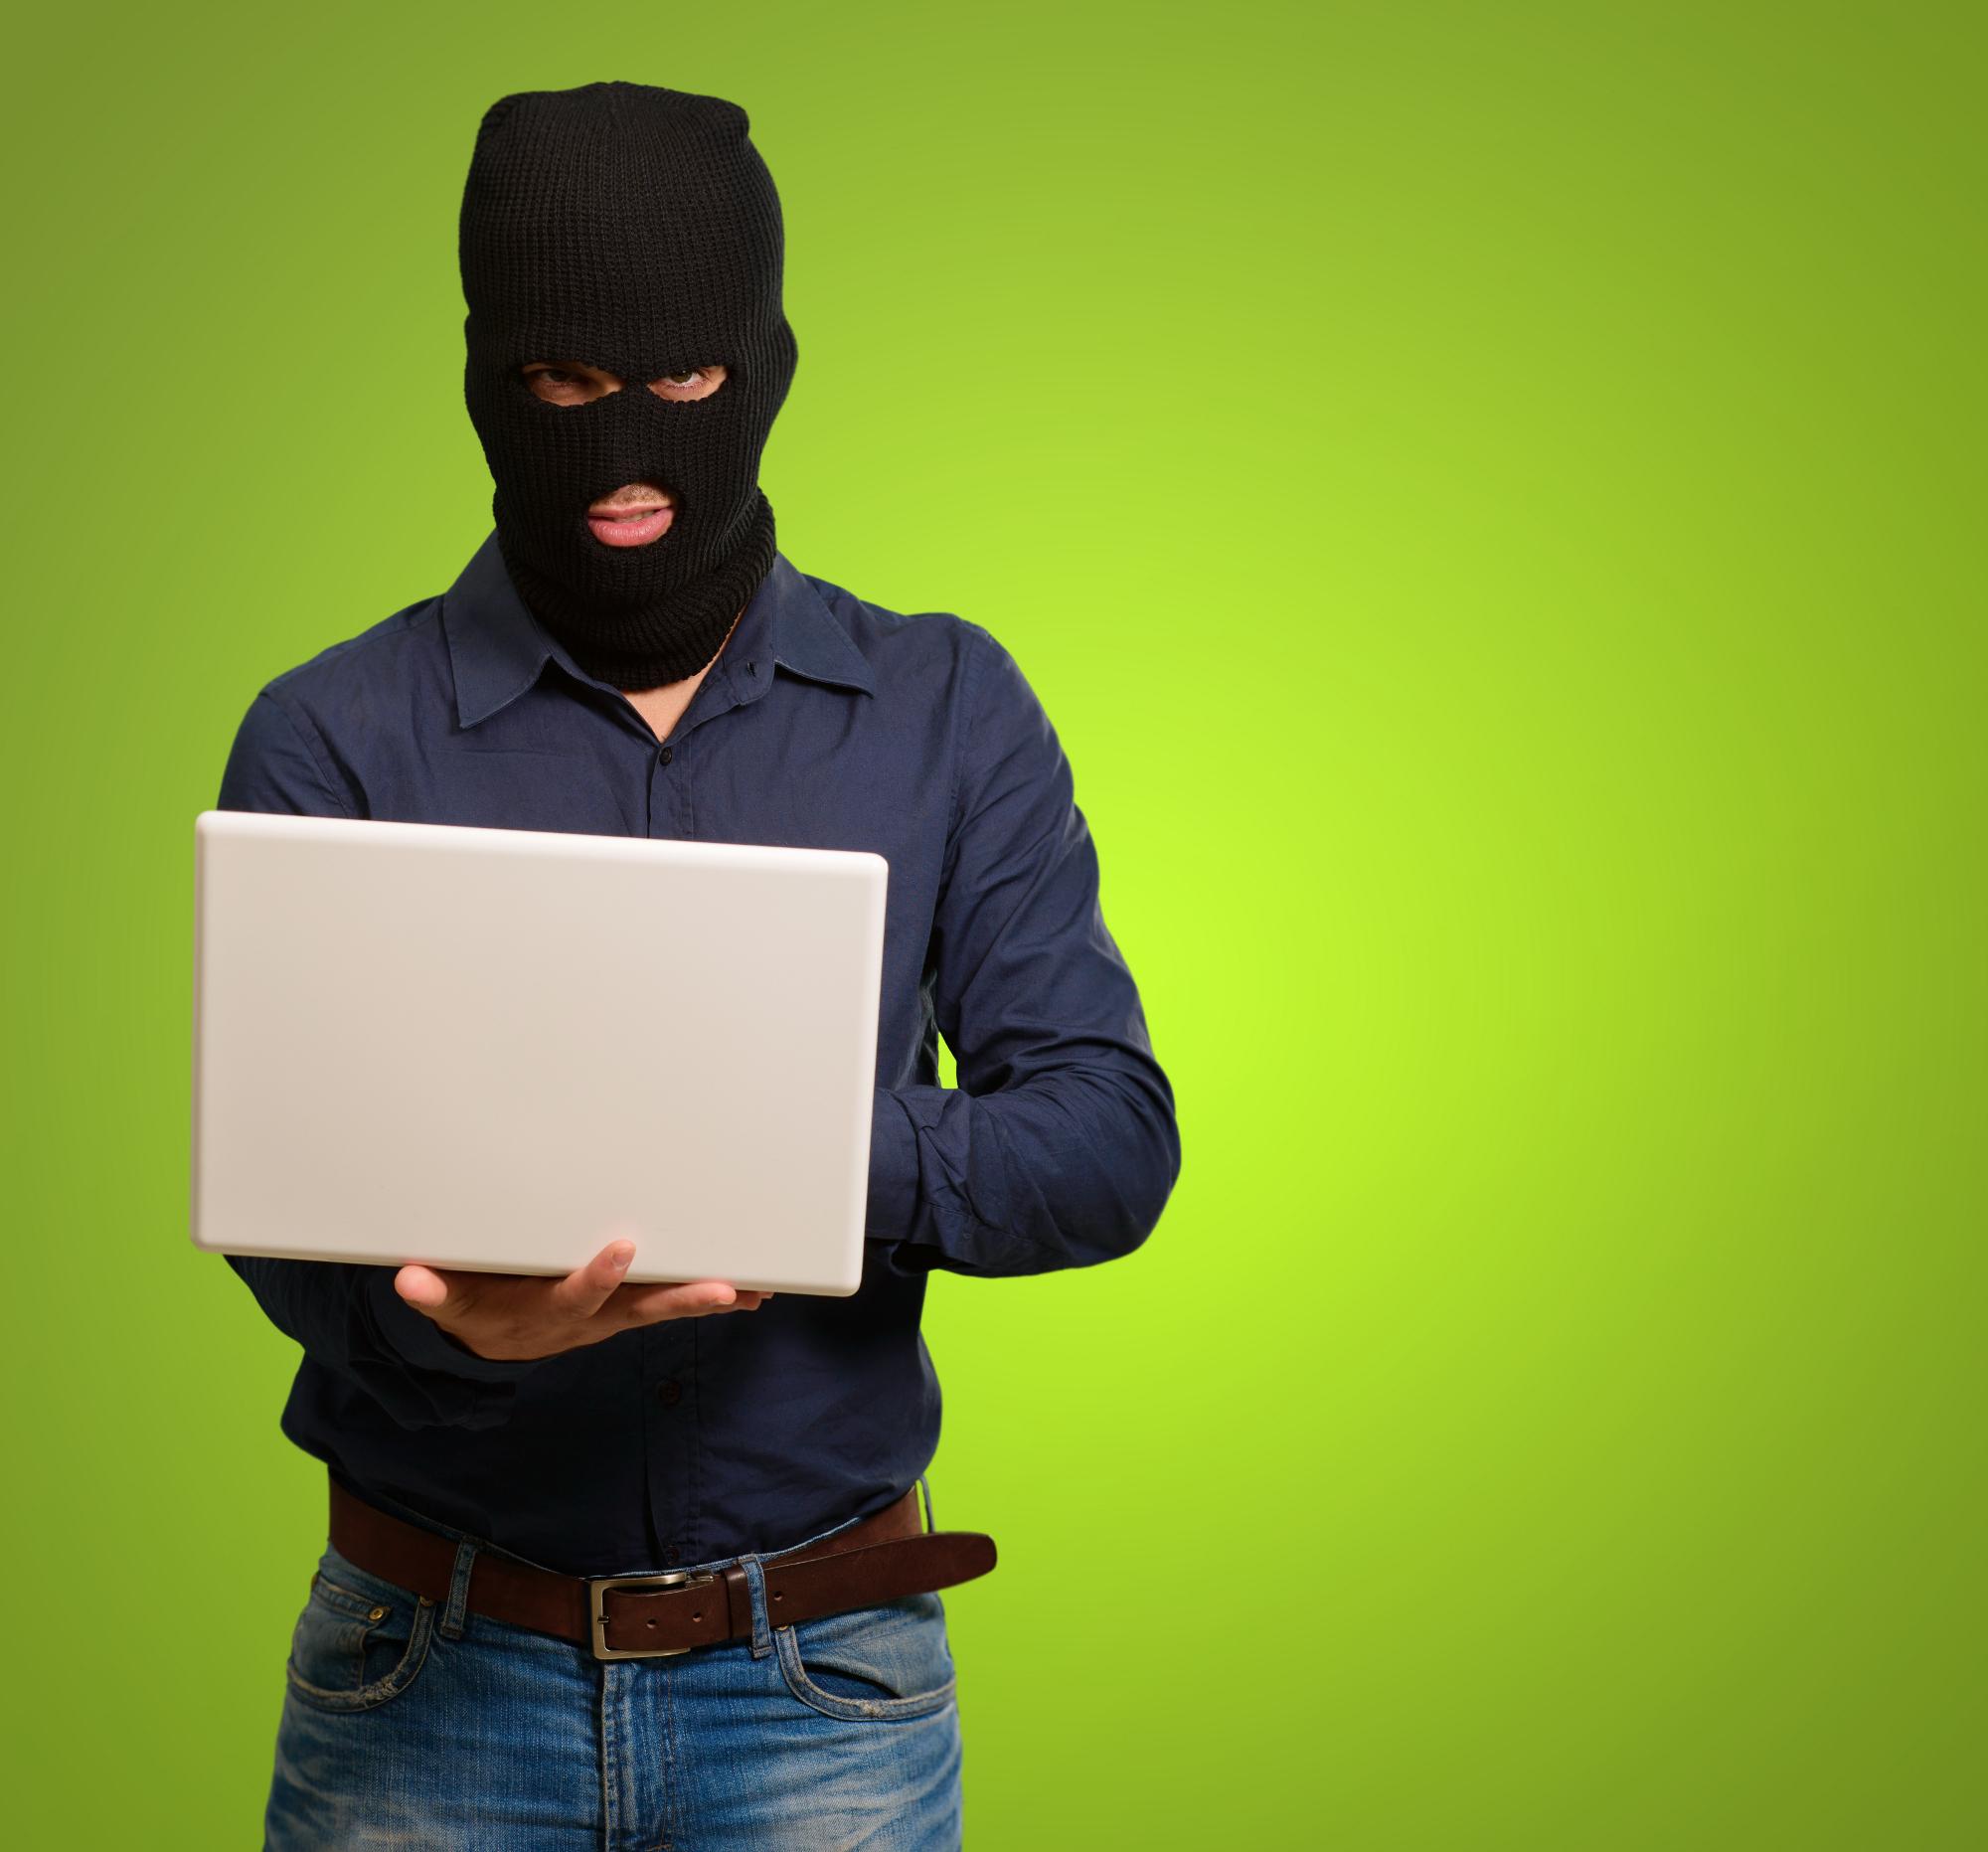 Sicurezza, previsioni 2019: cyberattacchi sempre più devastanti e campagne difficili da rilevare